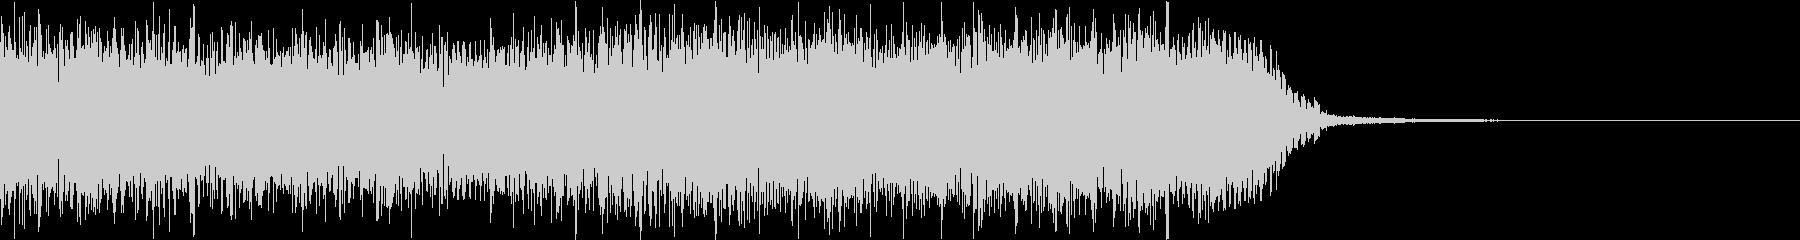 エネルギッシュ・ロックなサウンドロゴ08の未再生の波形